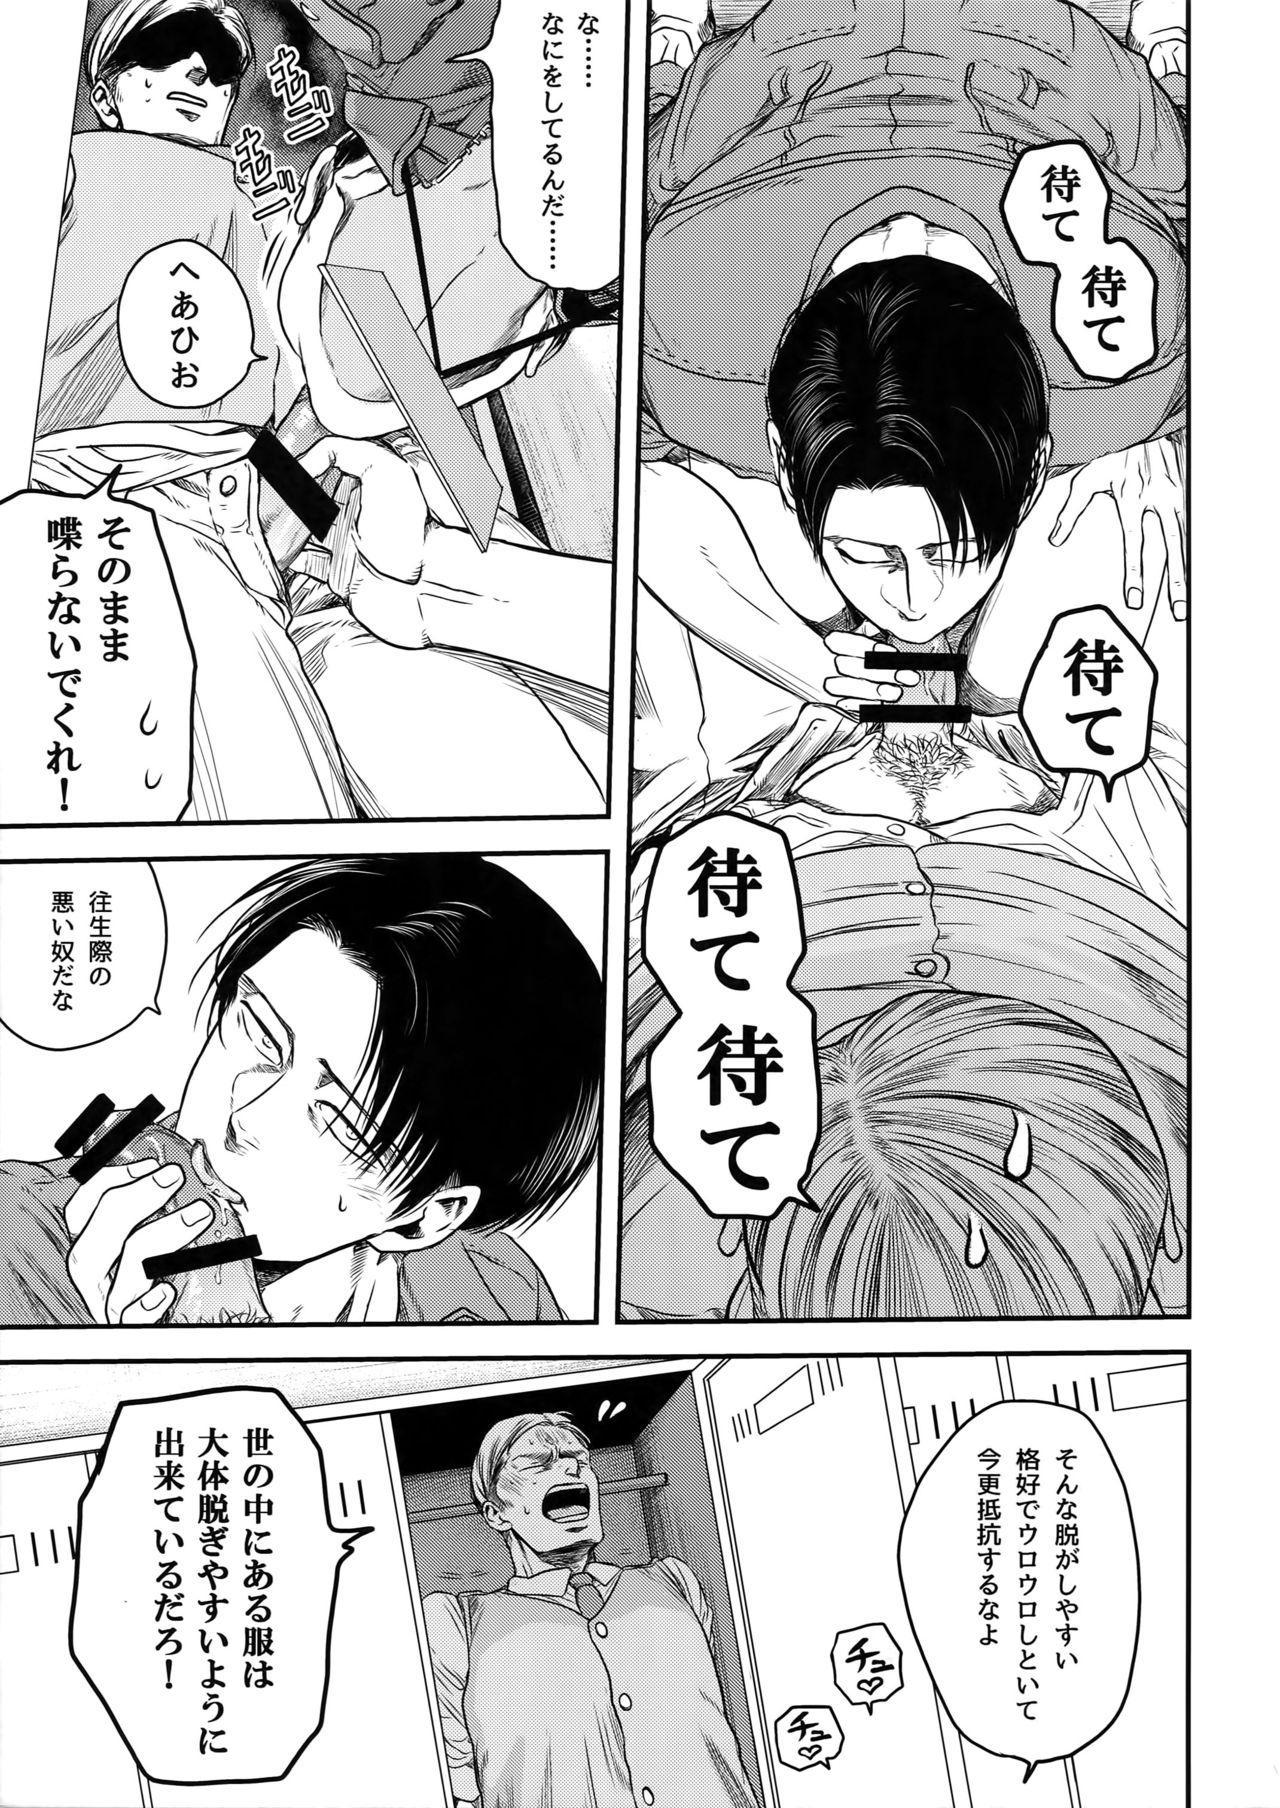 Rekishi Kyoushi to Seisouin 7